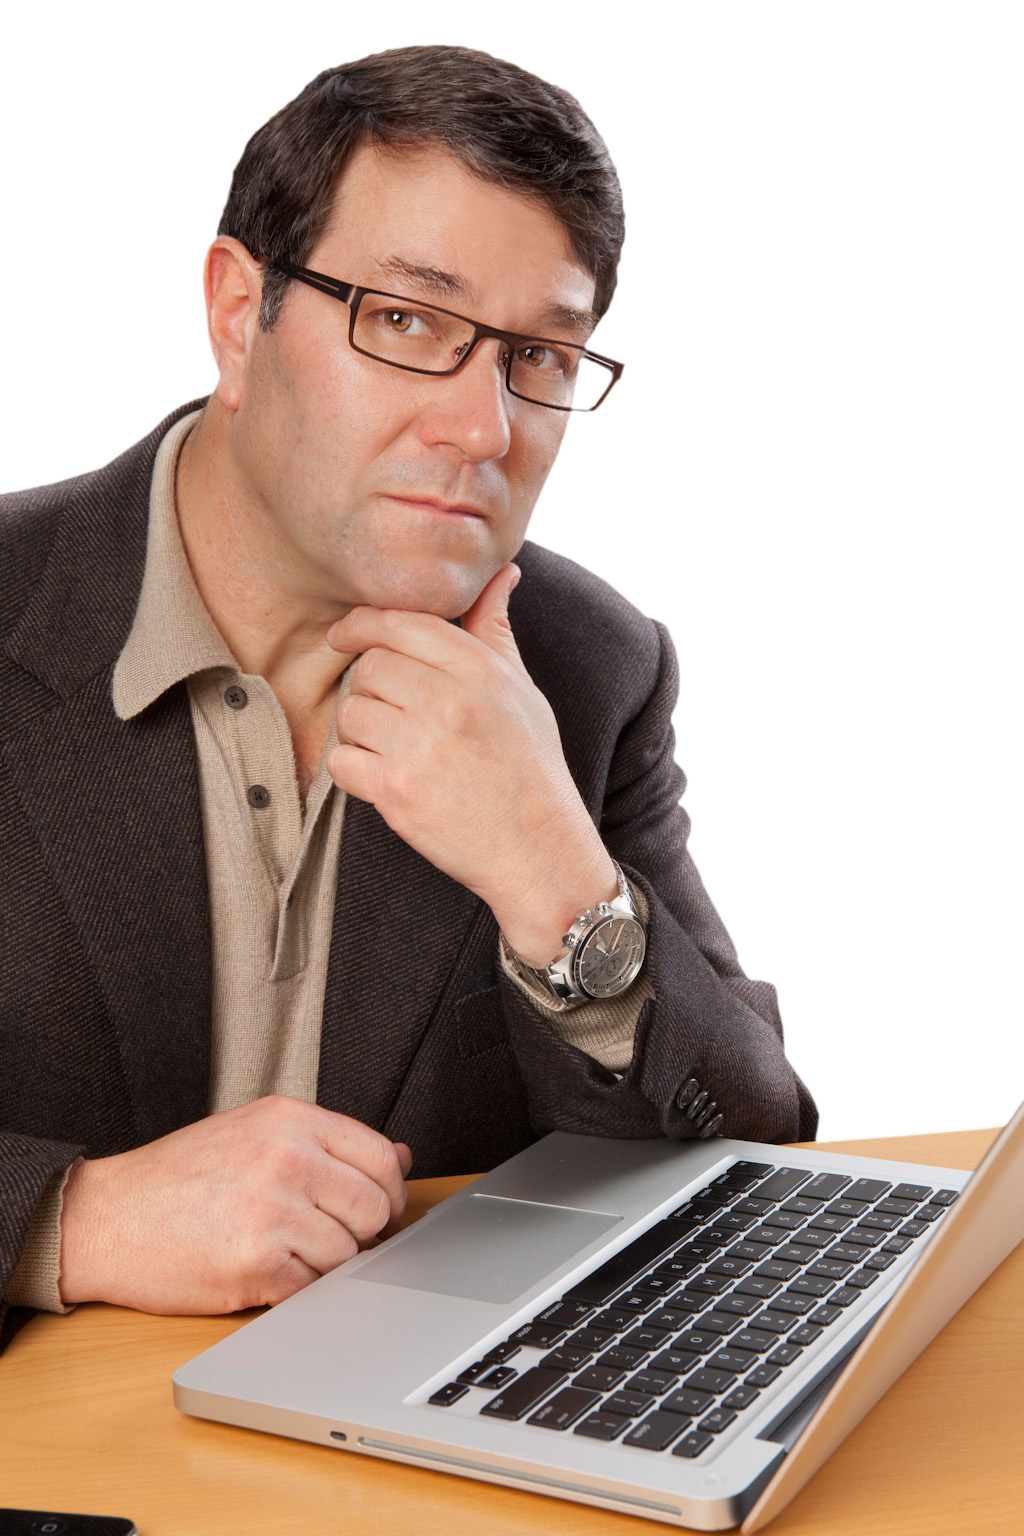 Male Modeling Reading Glasses